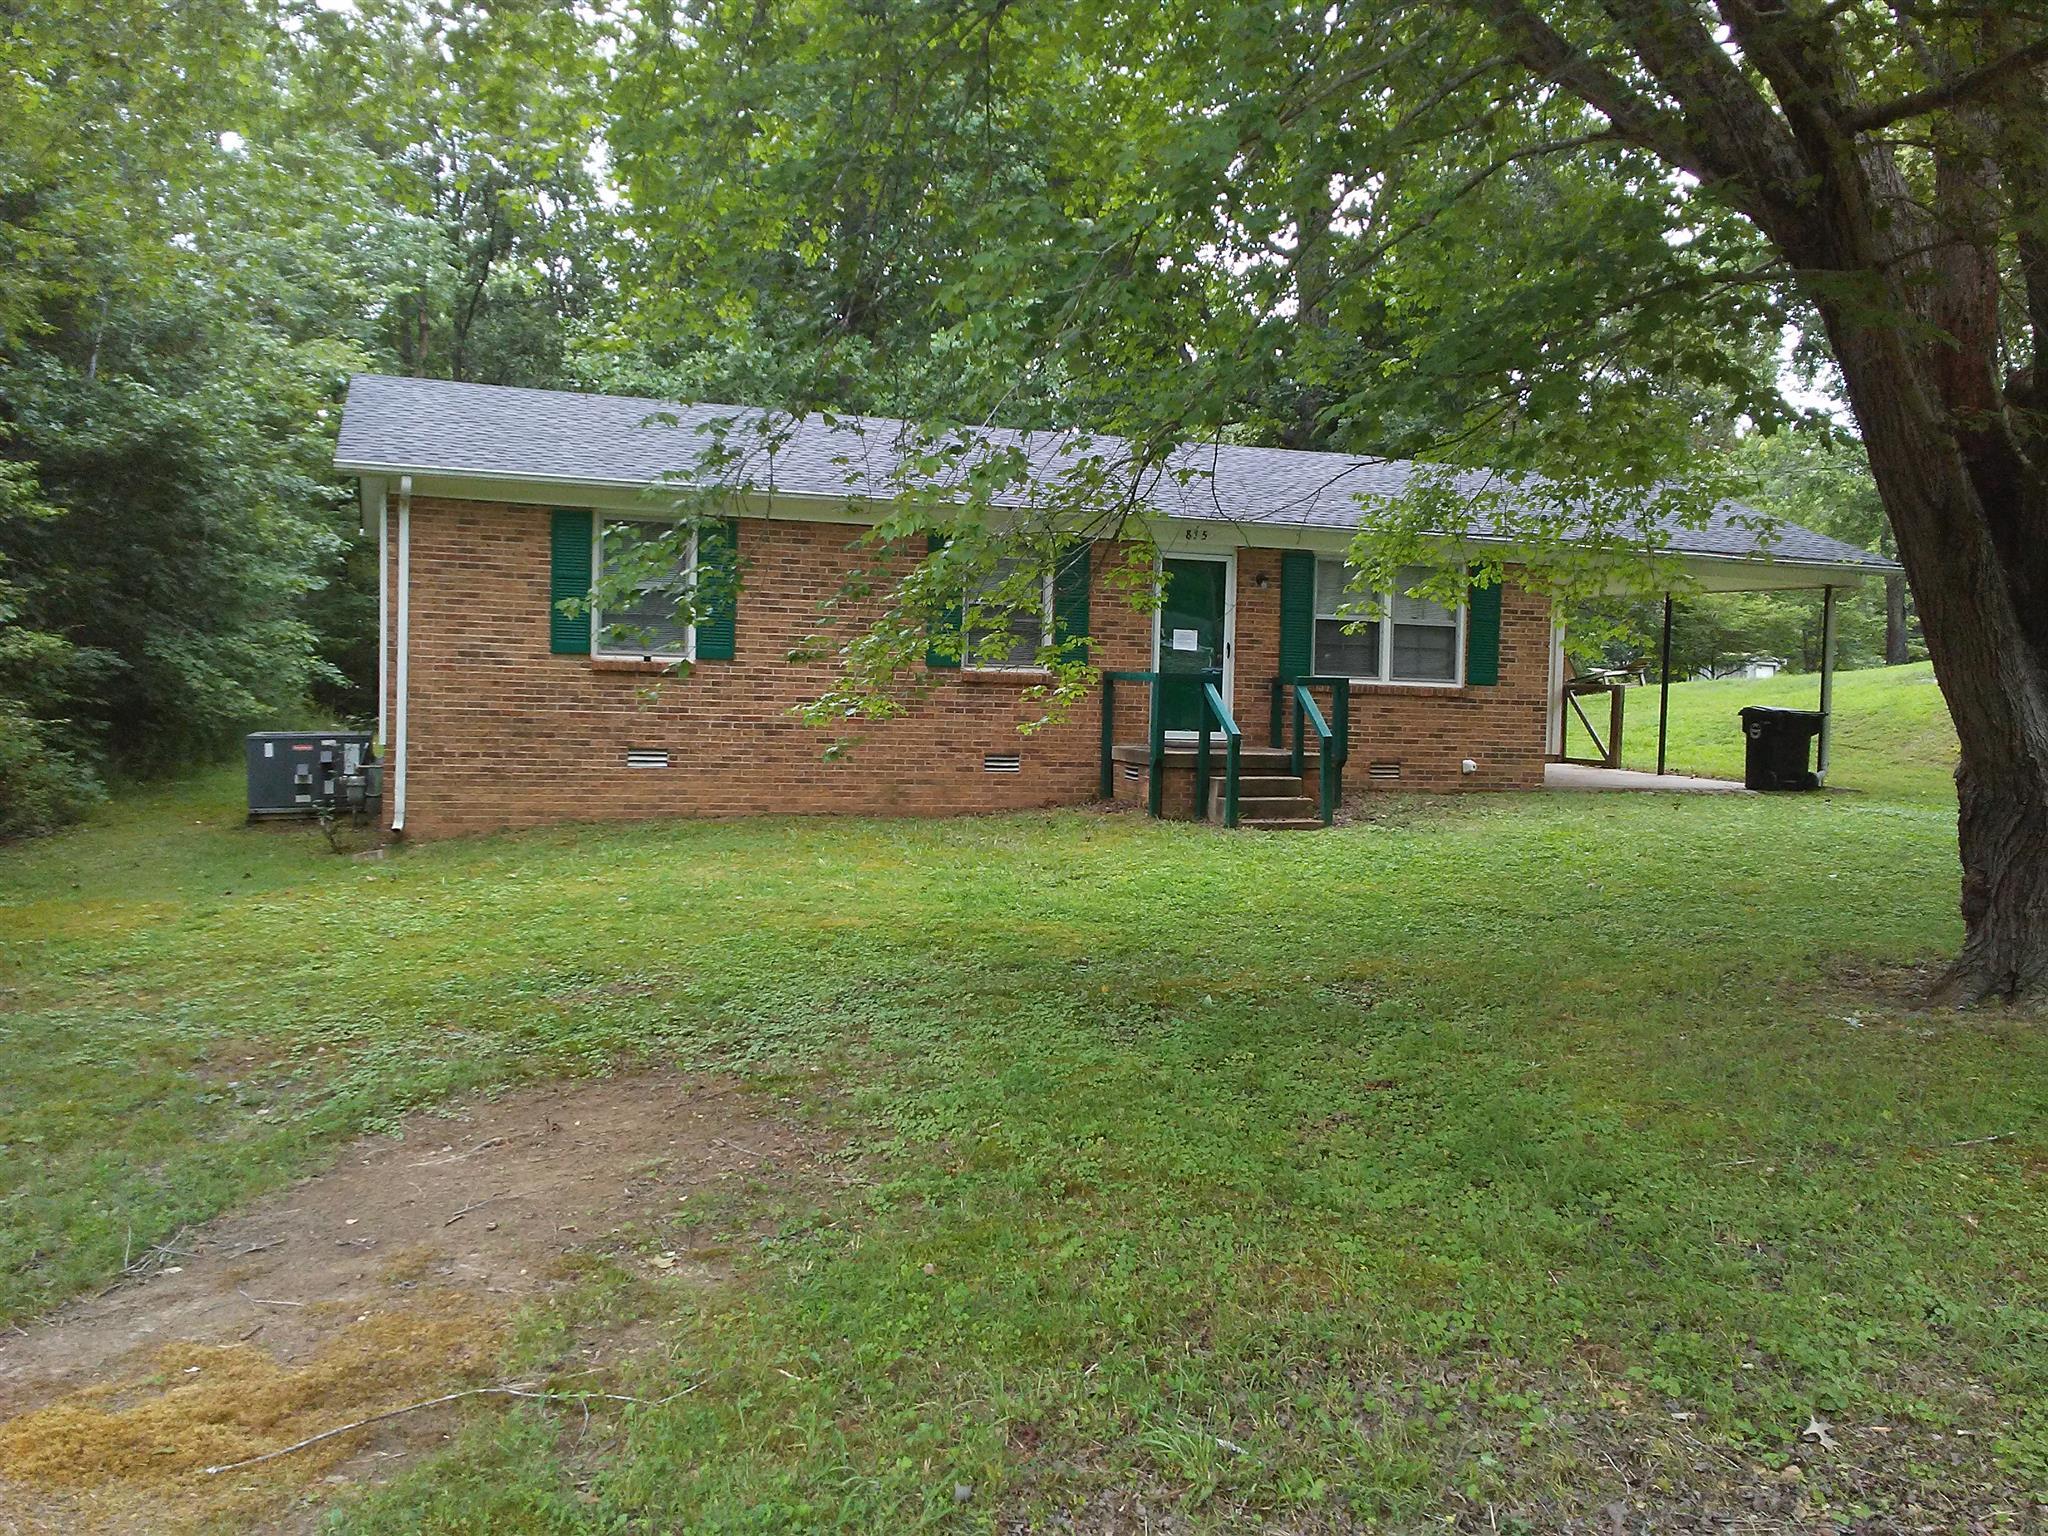 815 Cherokee Dr, New Johnsonville, TN 37134 - New Johnsonville, TN real estate listing